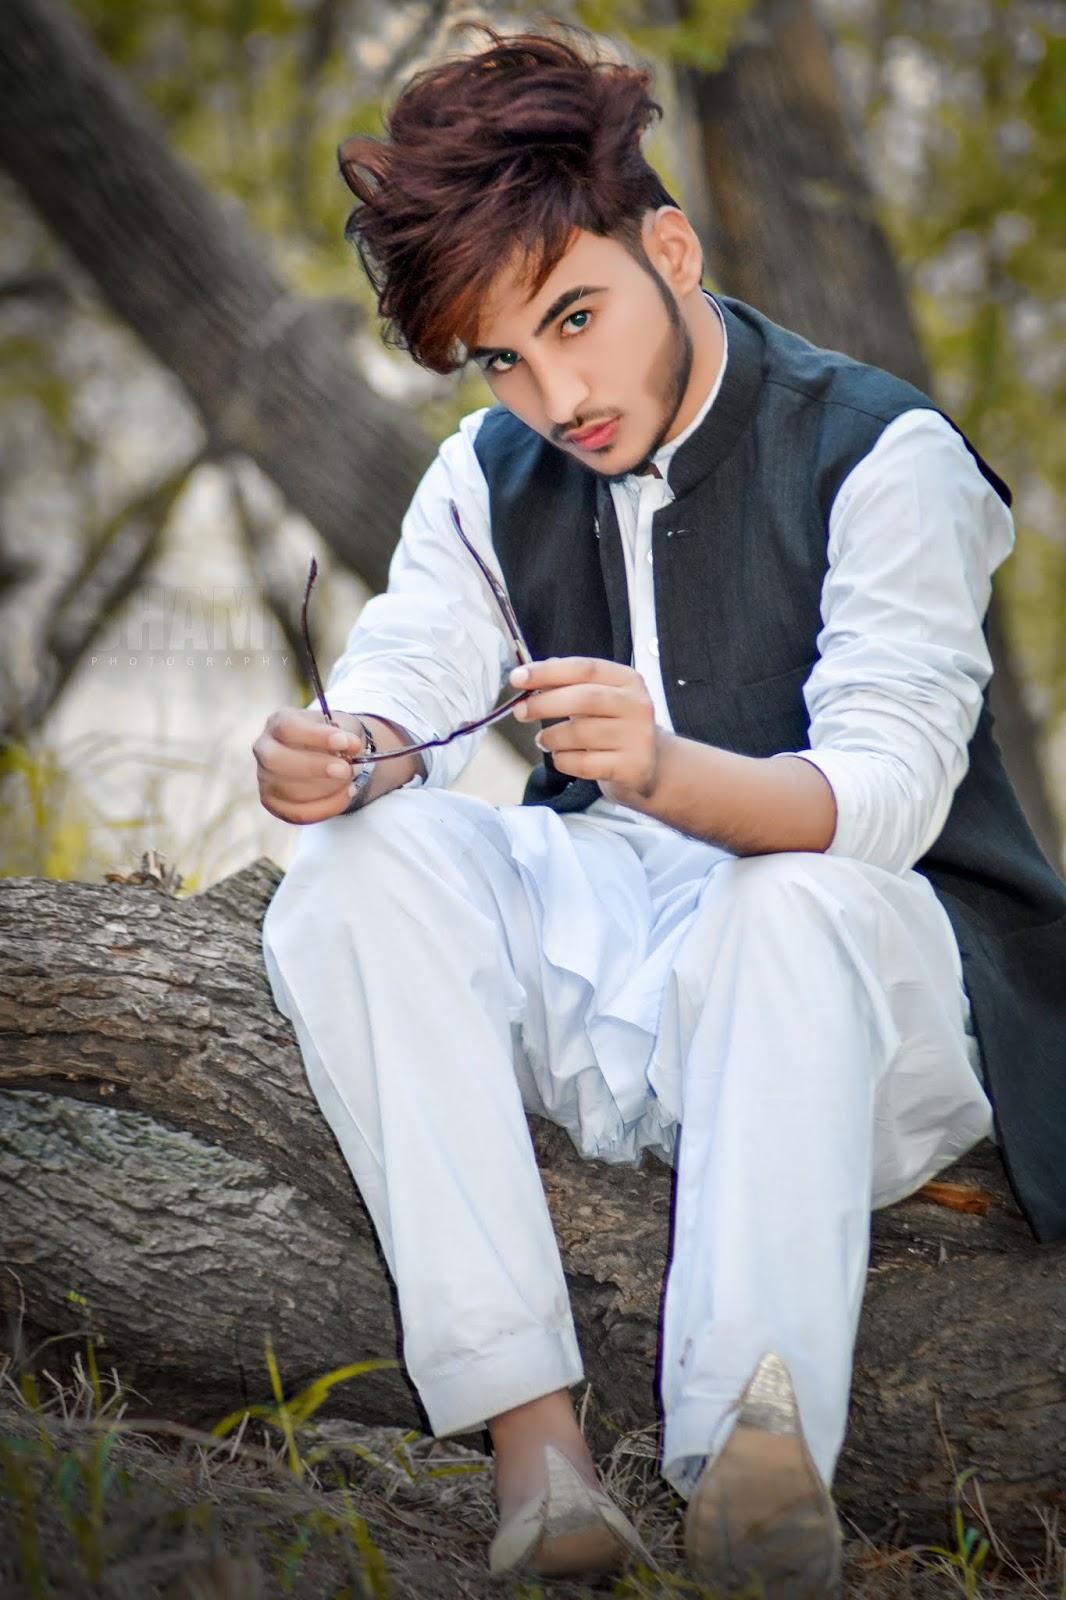 Pakistani Hair Style Boy 2020 1066x1600 Download Hd Wallpaper Wallpapertip